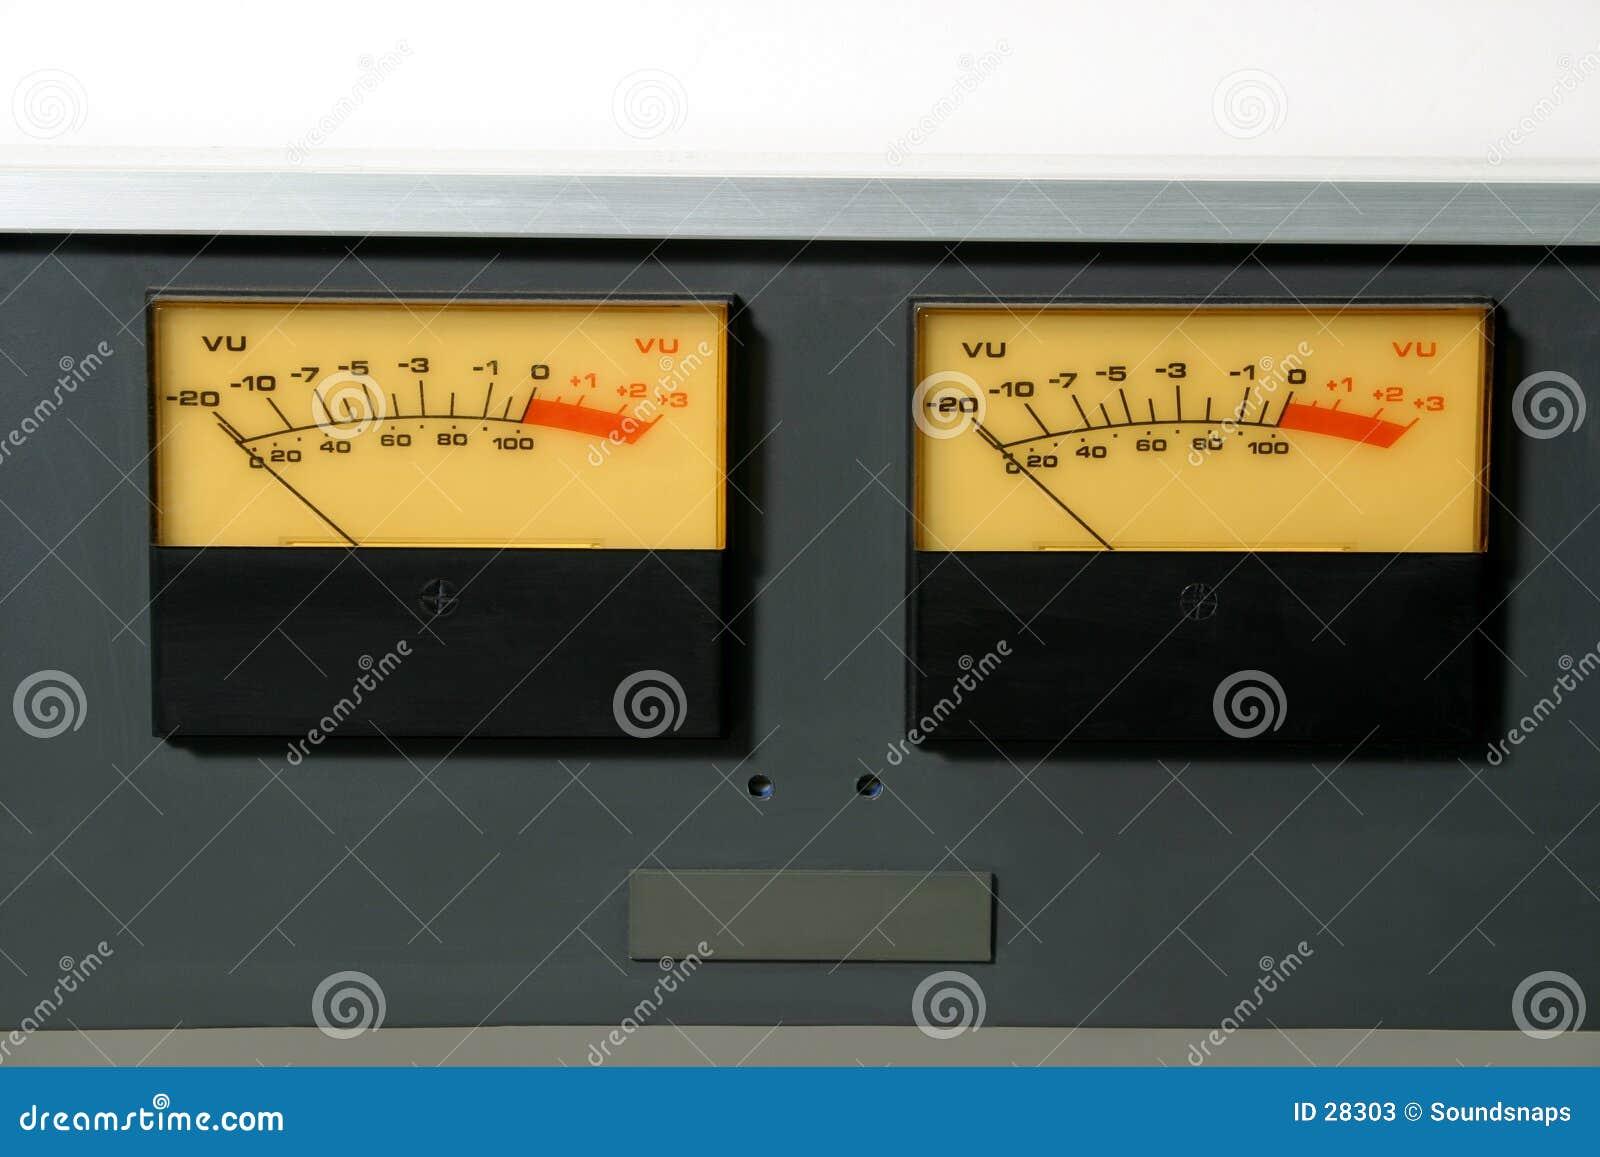 立体声音频级别米